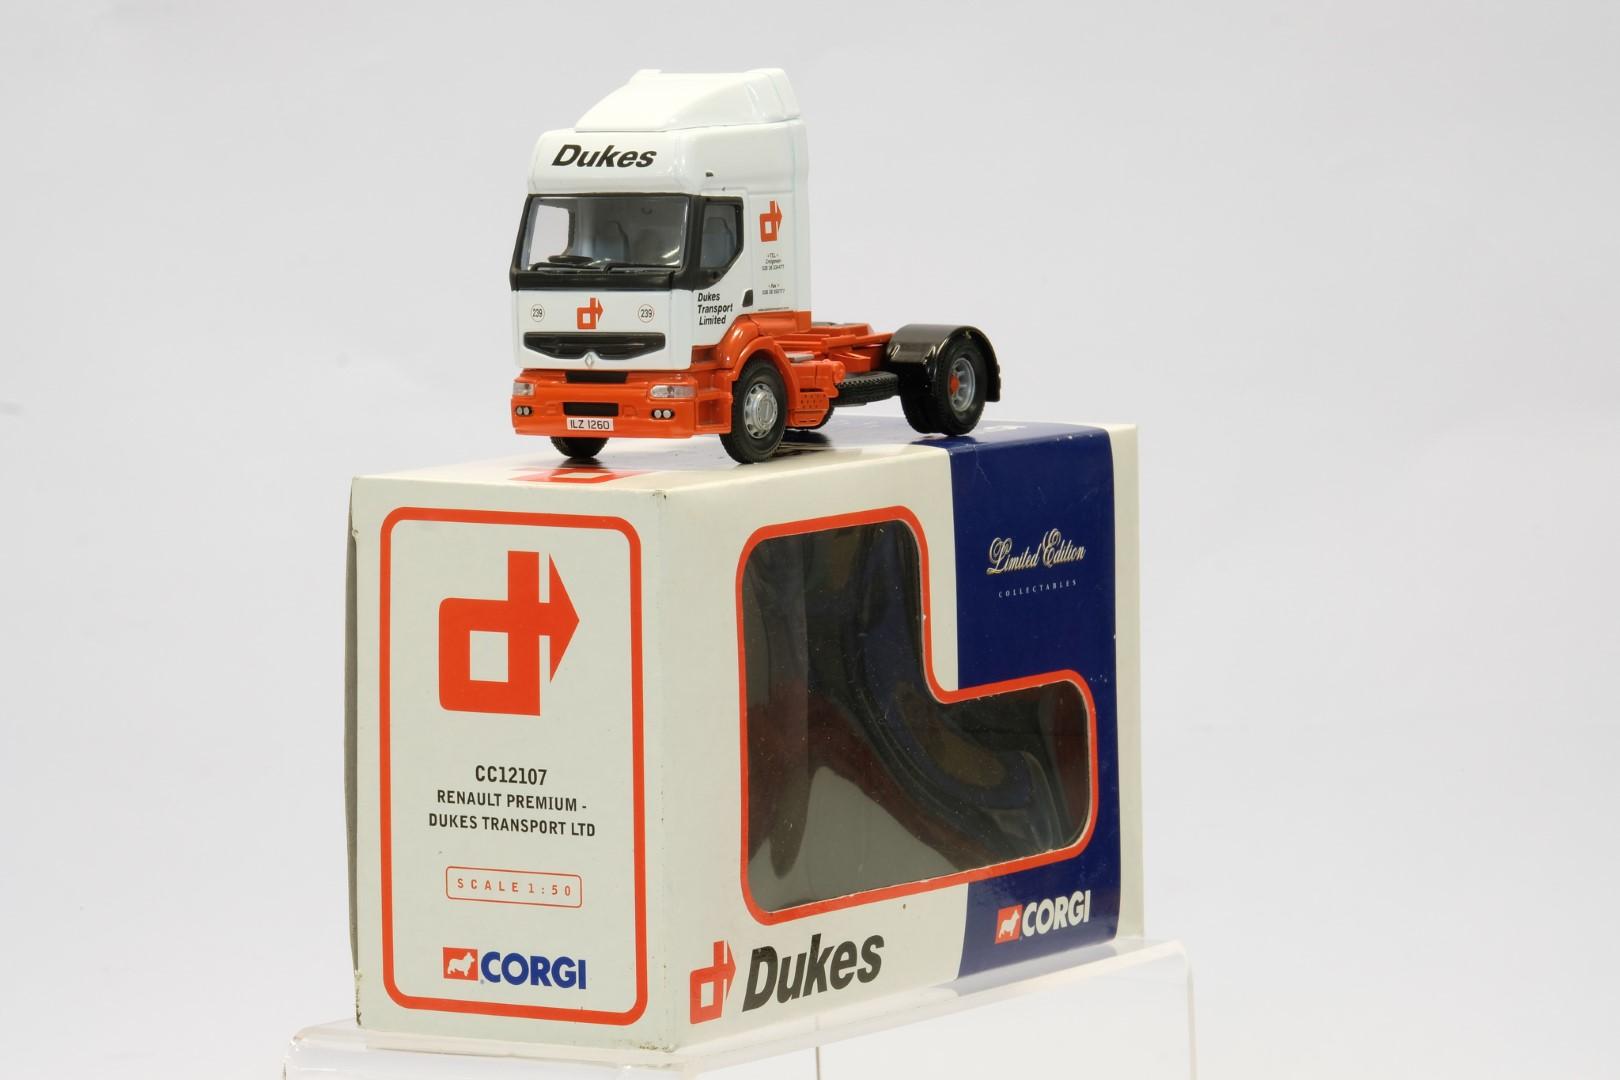 Corgi Thames Trader Platform Trailer & Container - Pickfords - Image 2 of 3